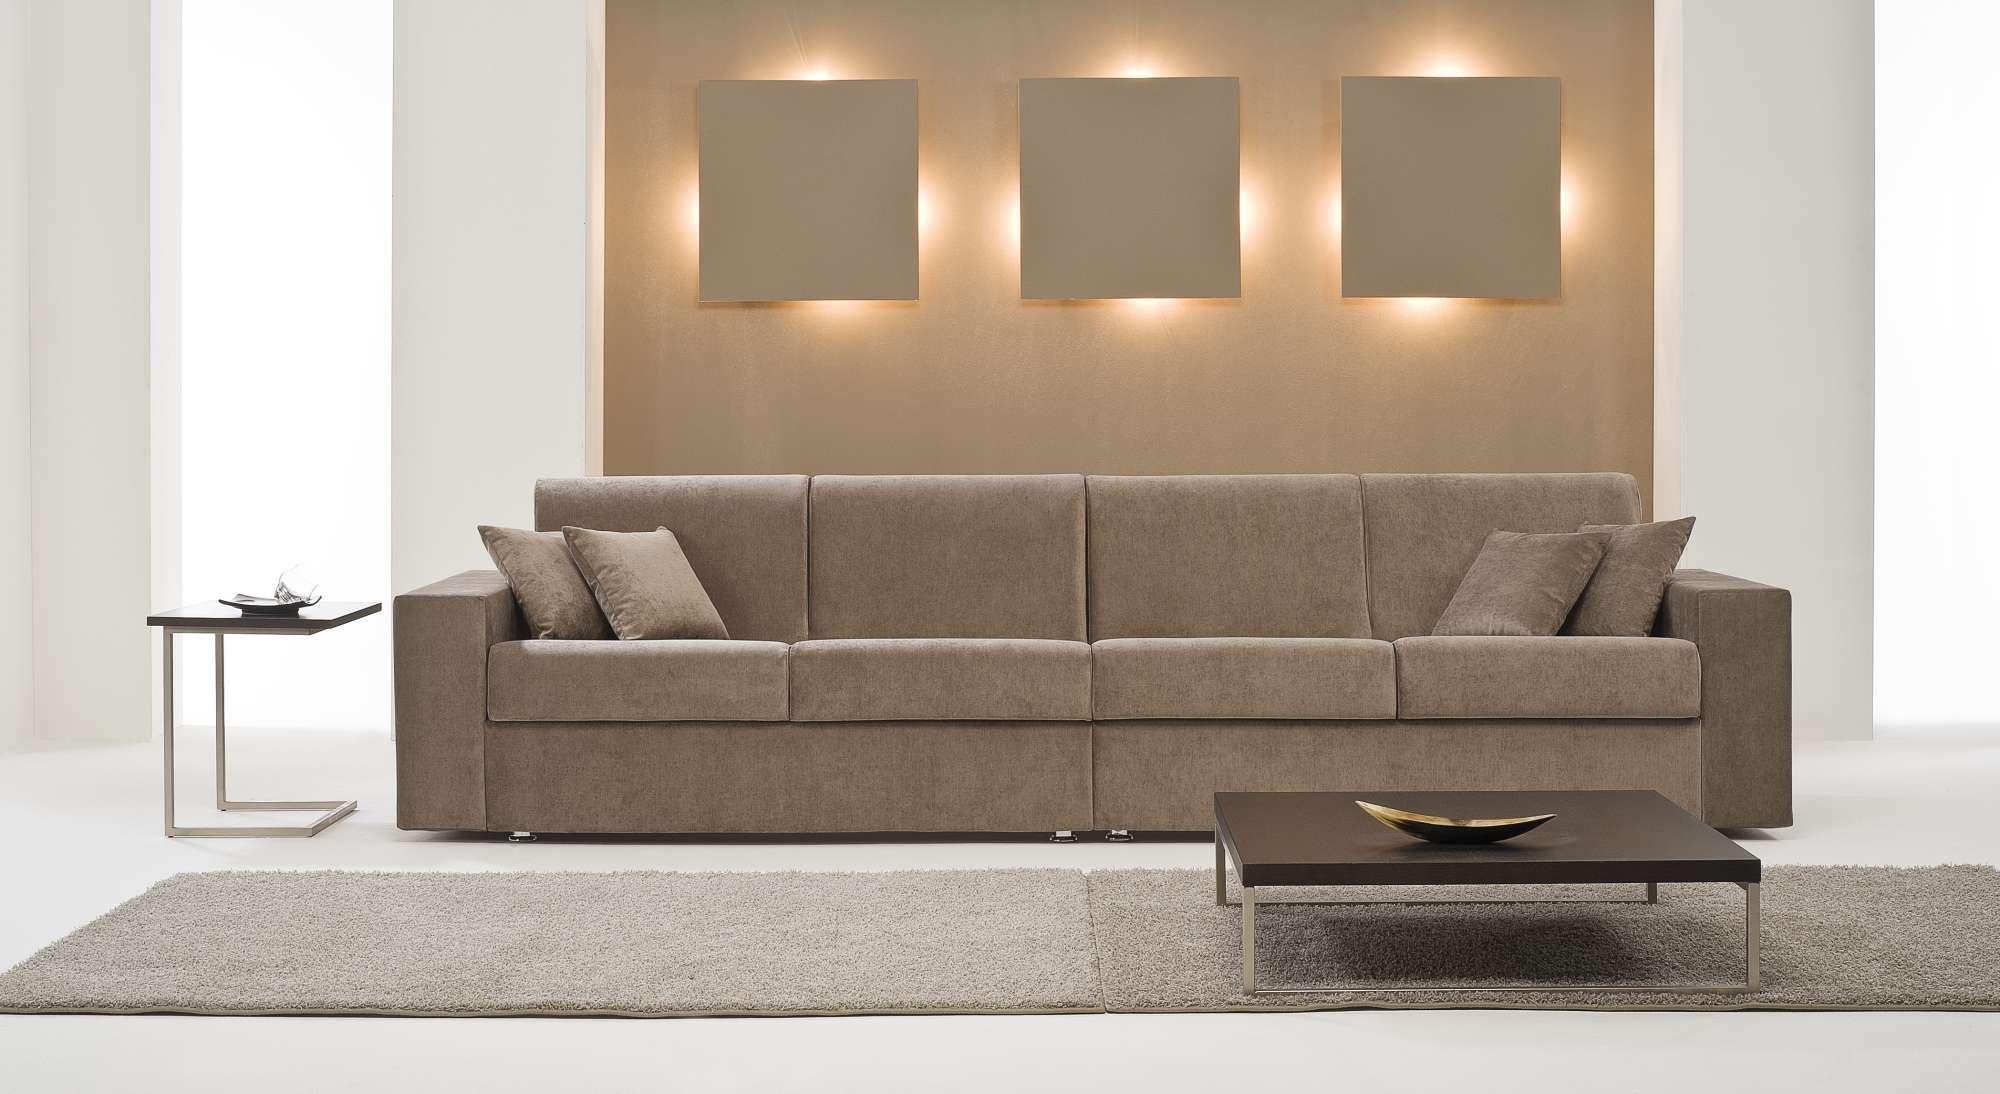 Dream divani letto con chaise longue collezione moderni for Divani moderni con chaise longue